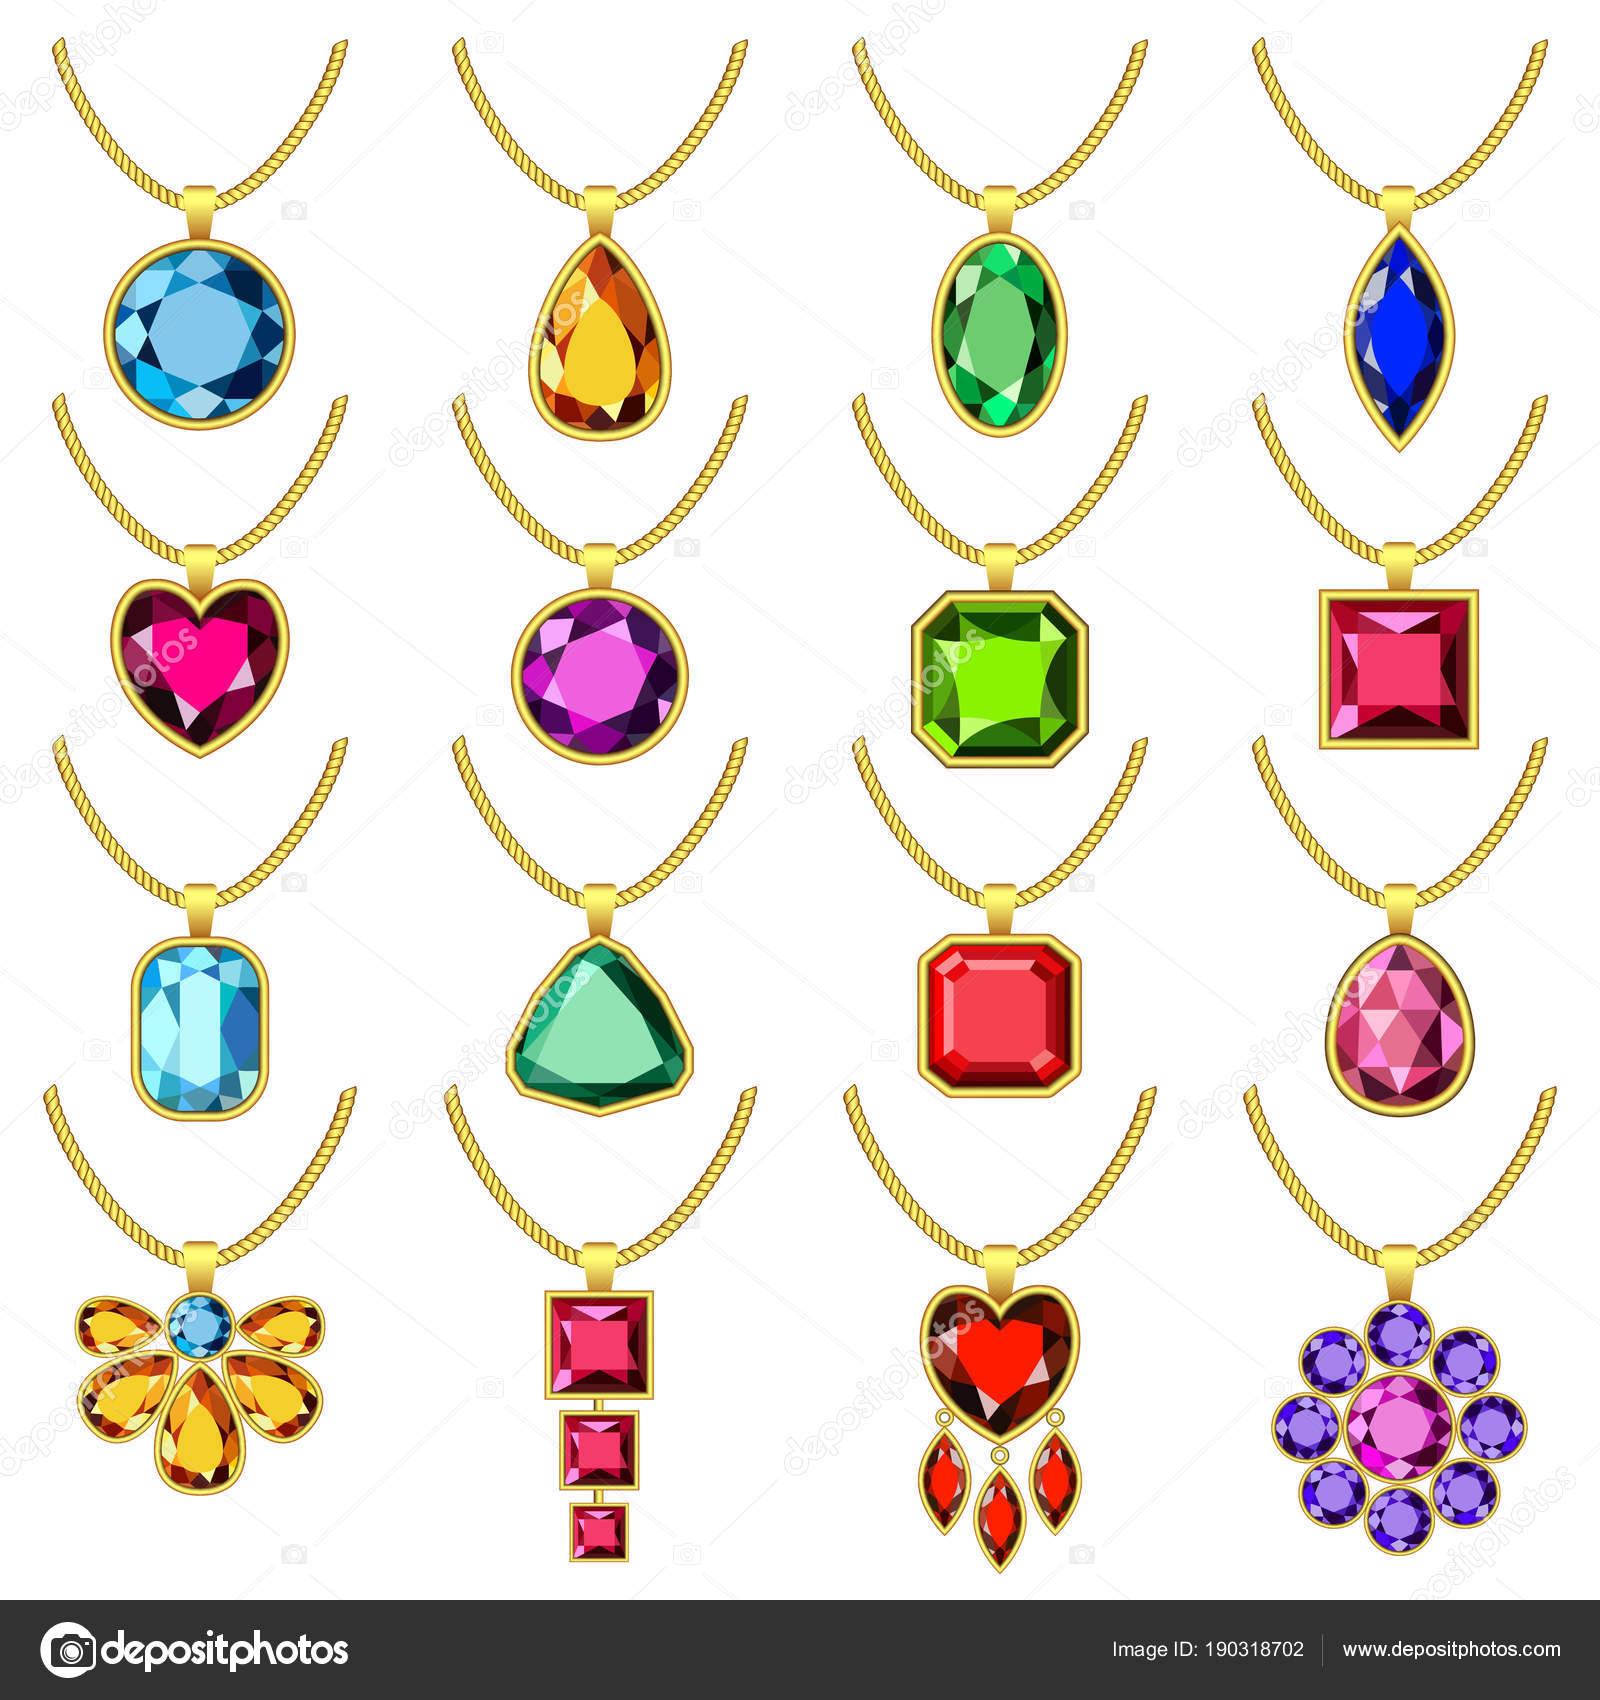 a3a68a372ba4 Collar cadena maqueta conjunto de joyas